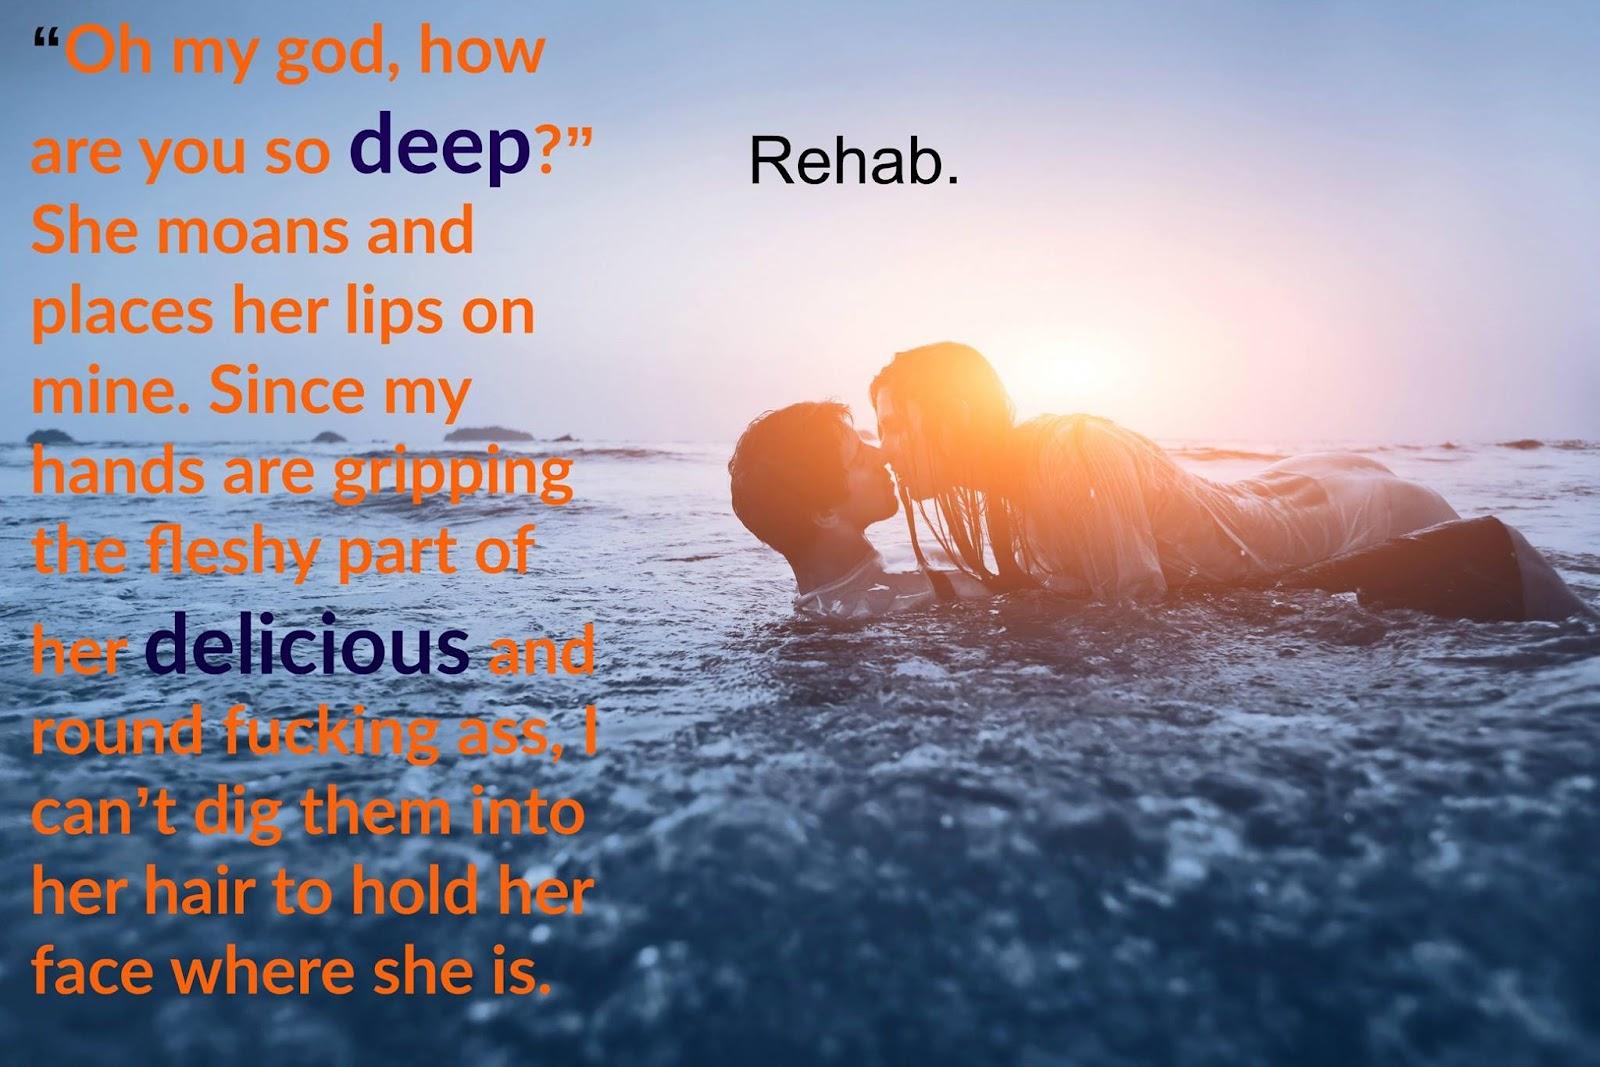 rehab teaser.jpg